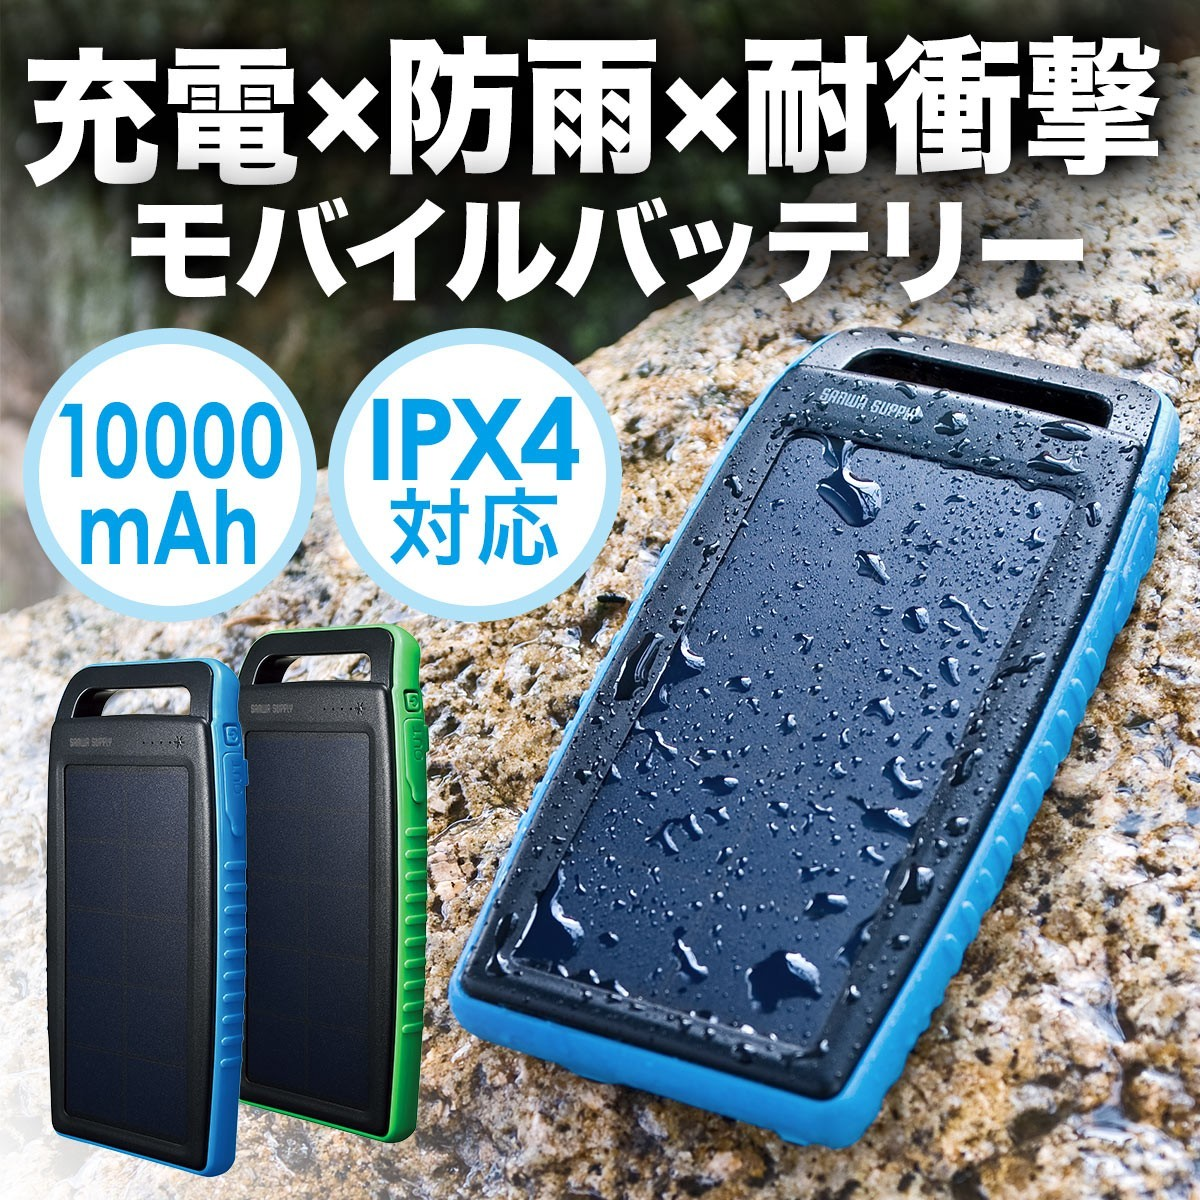 モバイルバッテリー ソーラー チャージャー 防水 充電器 10000mAh iPhone スマホ(即納)